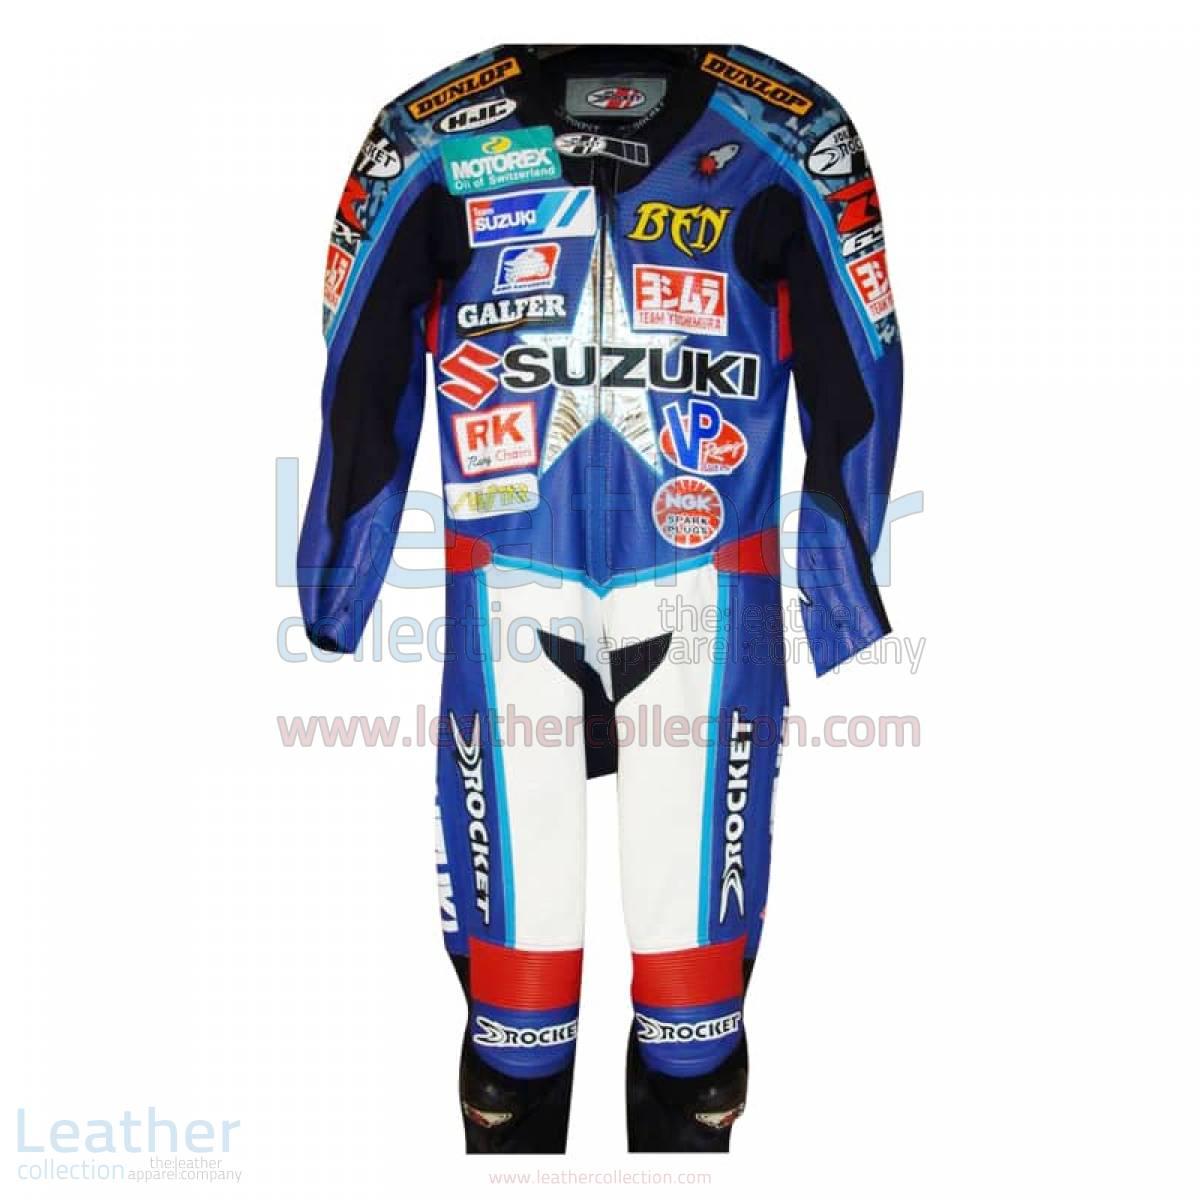 Ben Spies American Suzuki Leathers 2005 AMA – Suzuki Suit